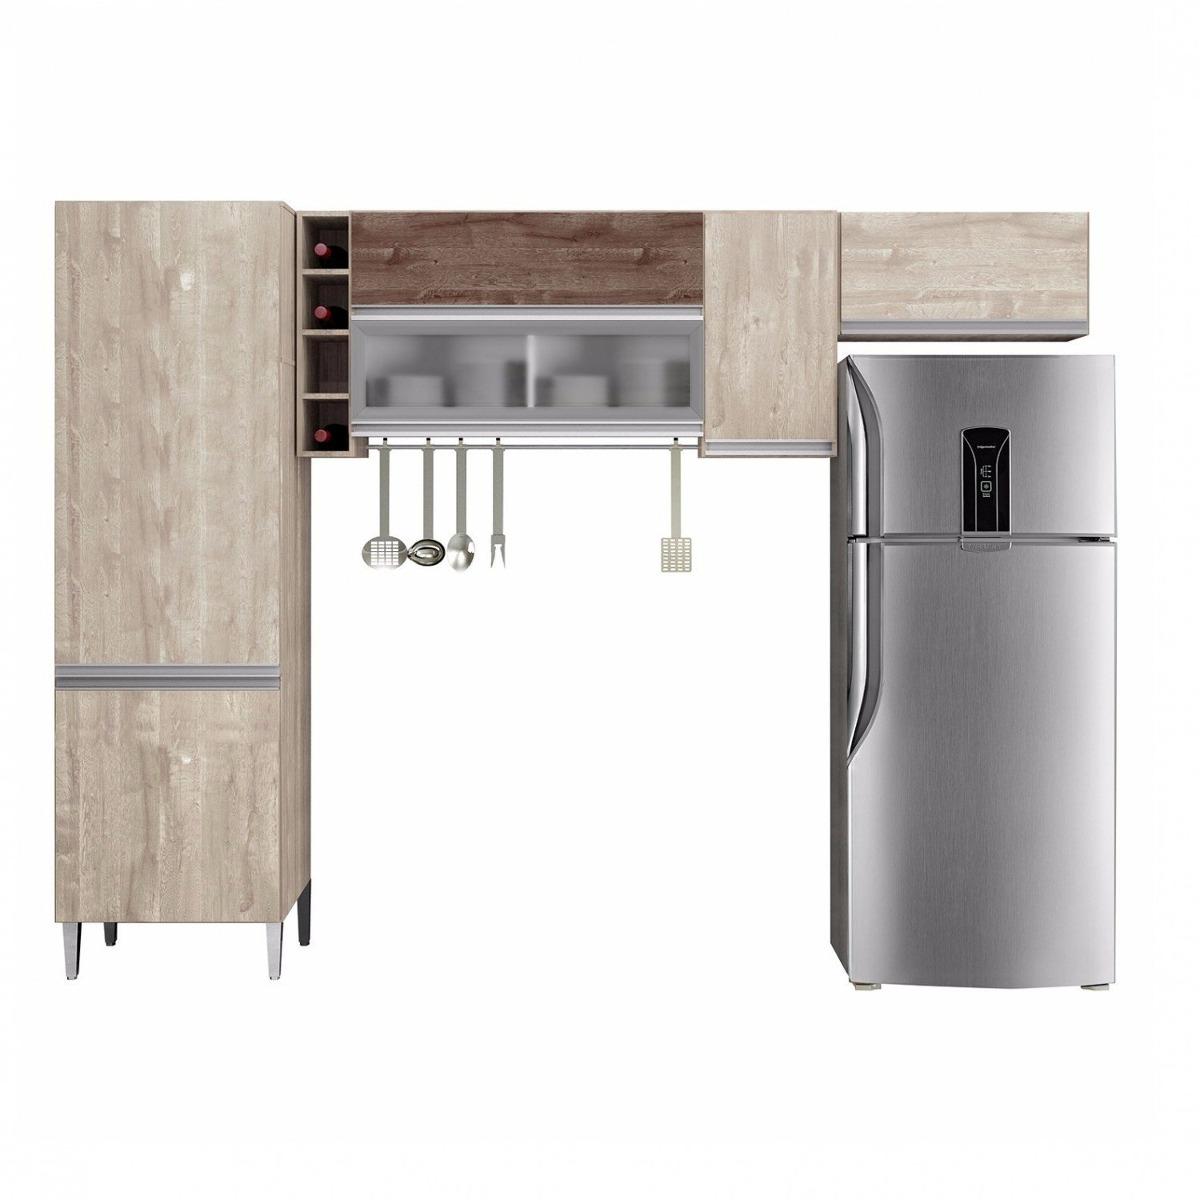 Cozinha Compacta 3 Pe As 6 Portas Bano Chf N O Cwt R 729 50 Em